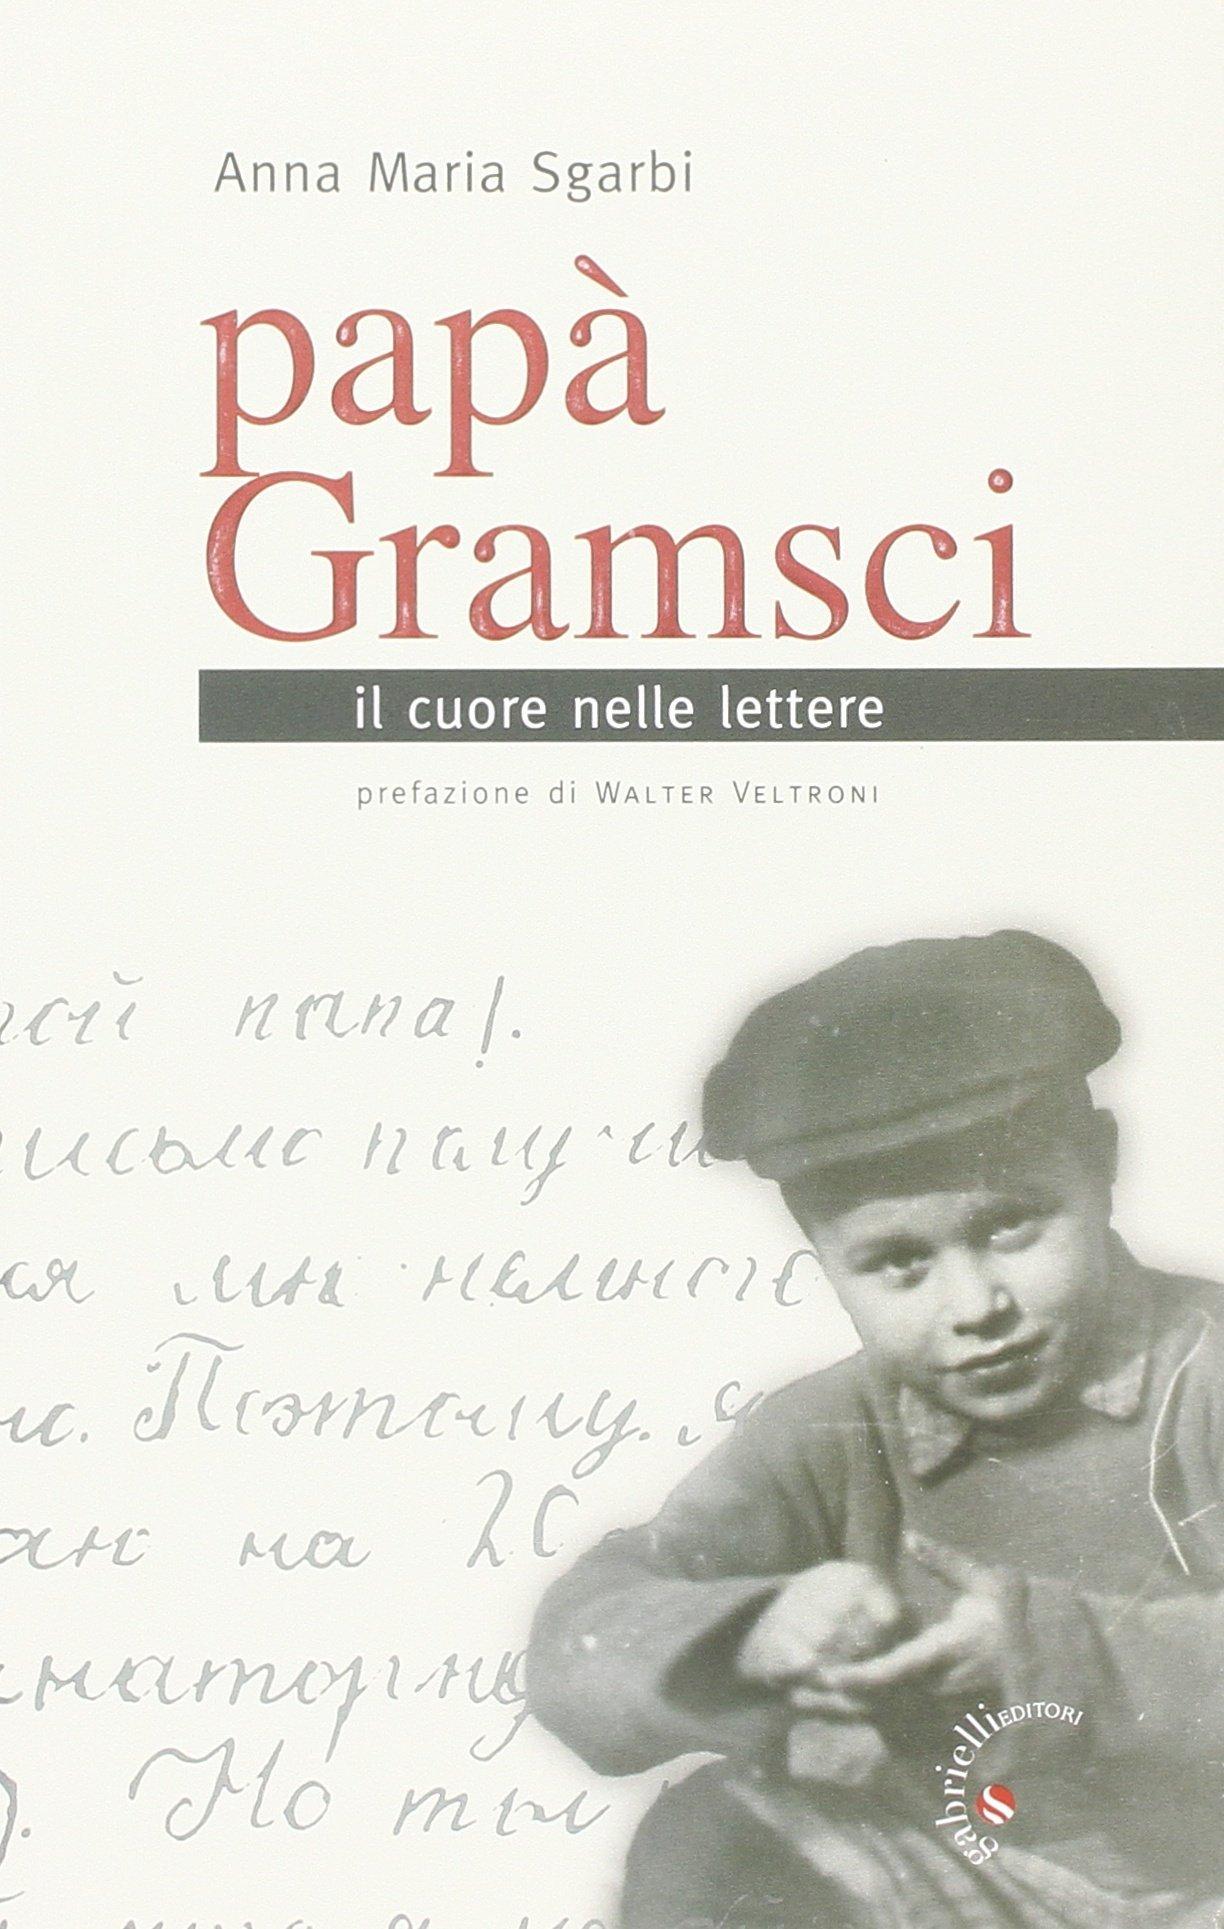 Papà Gramsci, il cuore nelle lettere